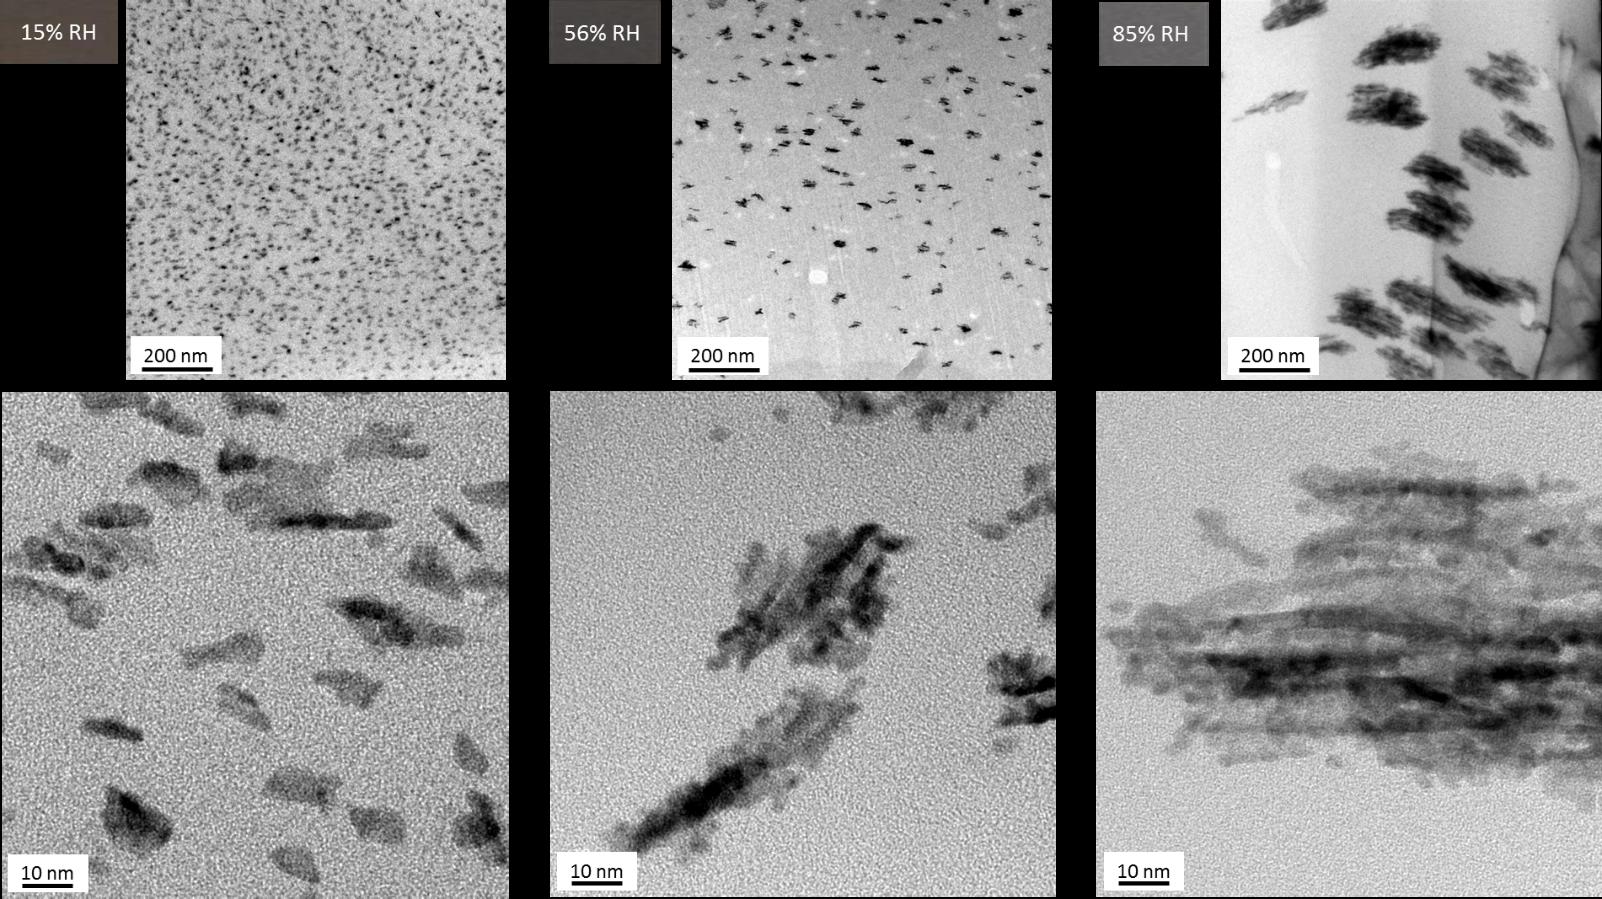 PtPd nanoparticle aggregate sizes